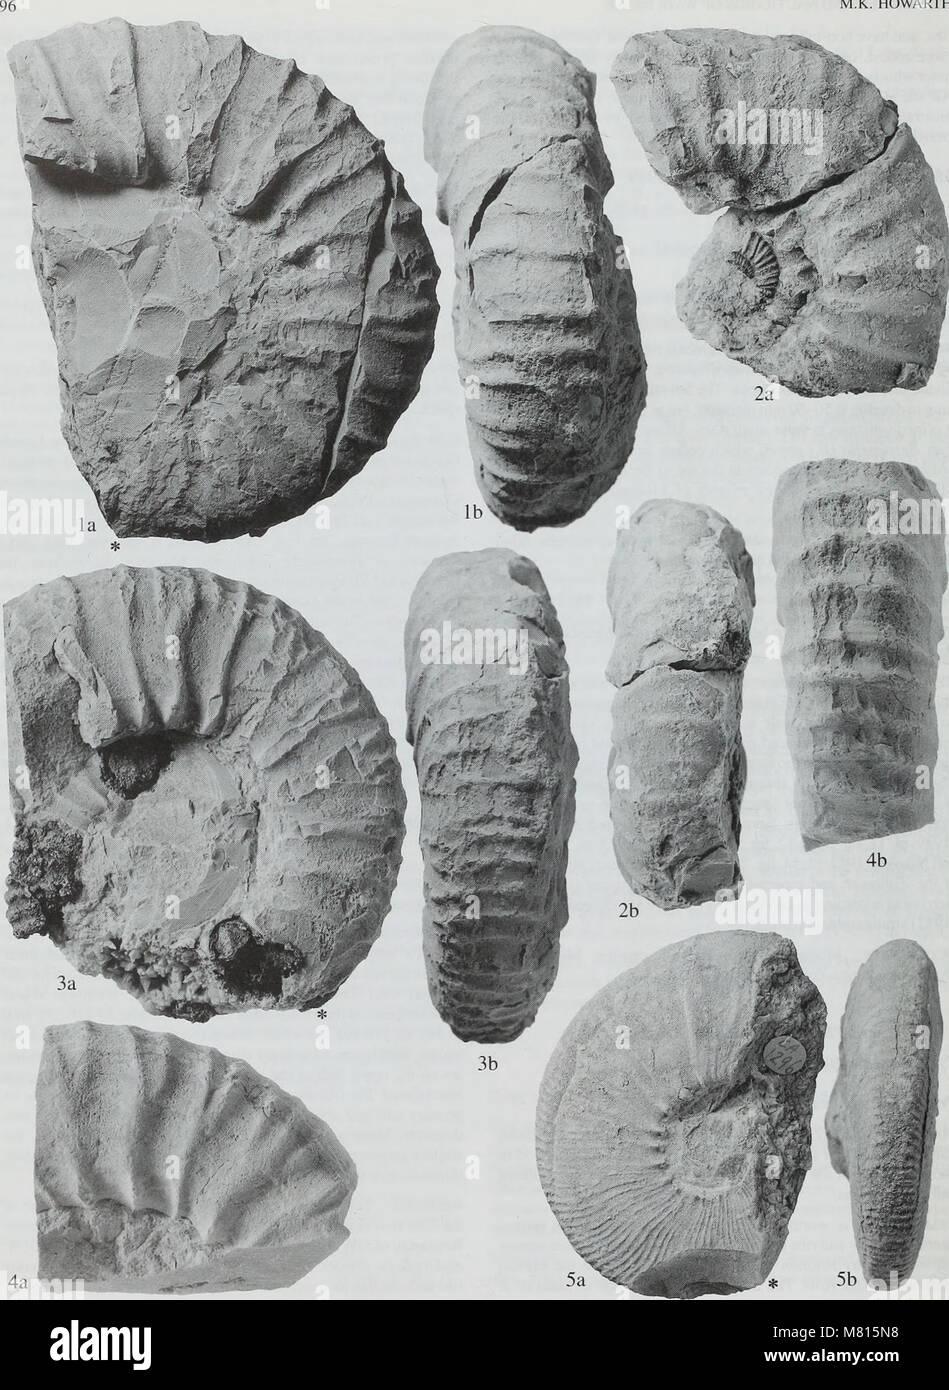 Bulletin der natürlichen Histort Museum. Geologie der Serie (1998) (20494283575) Stockfoto